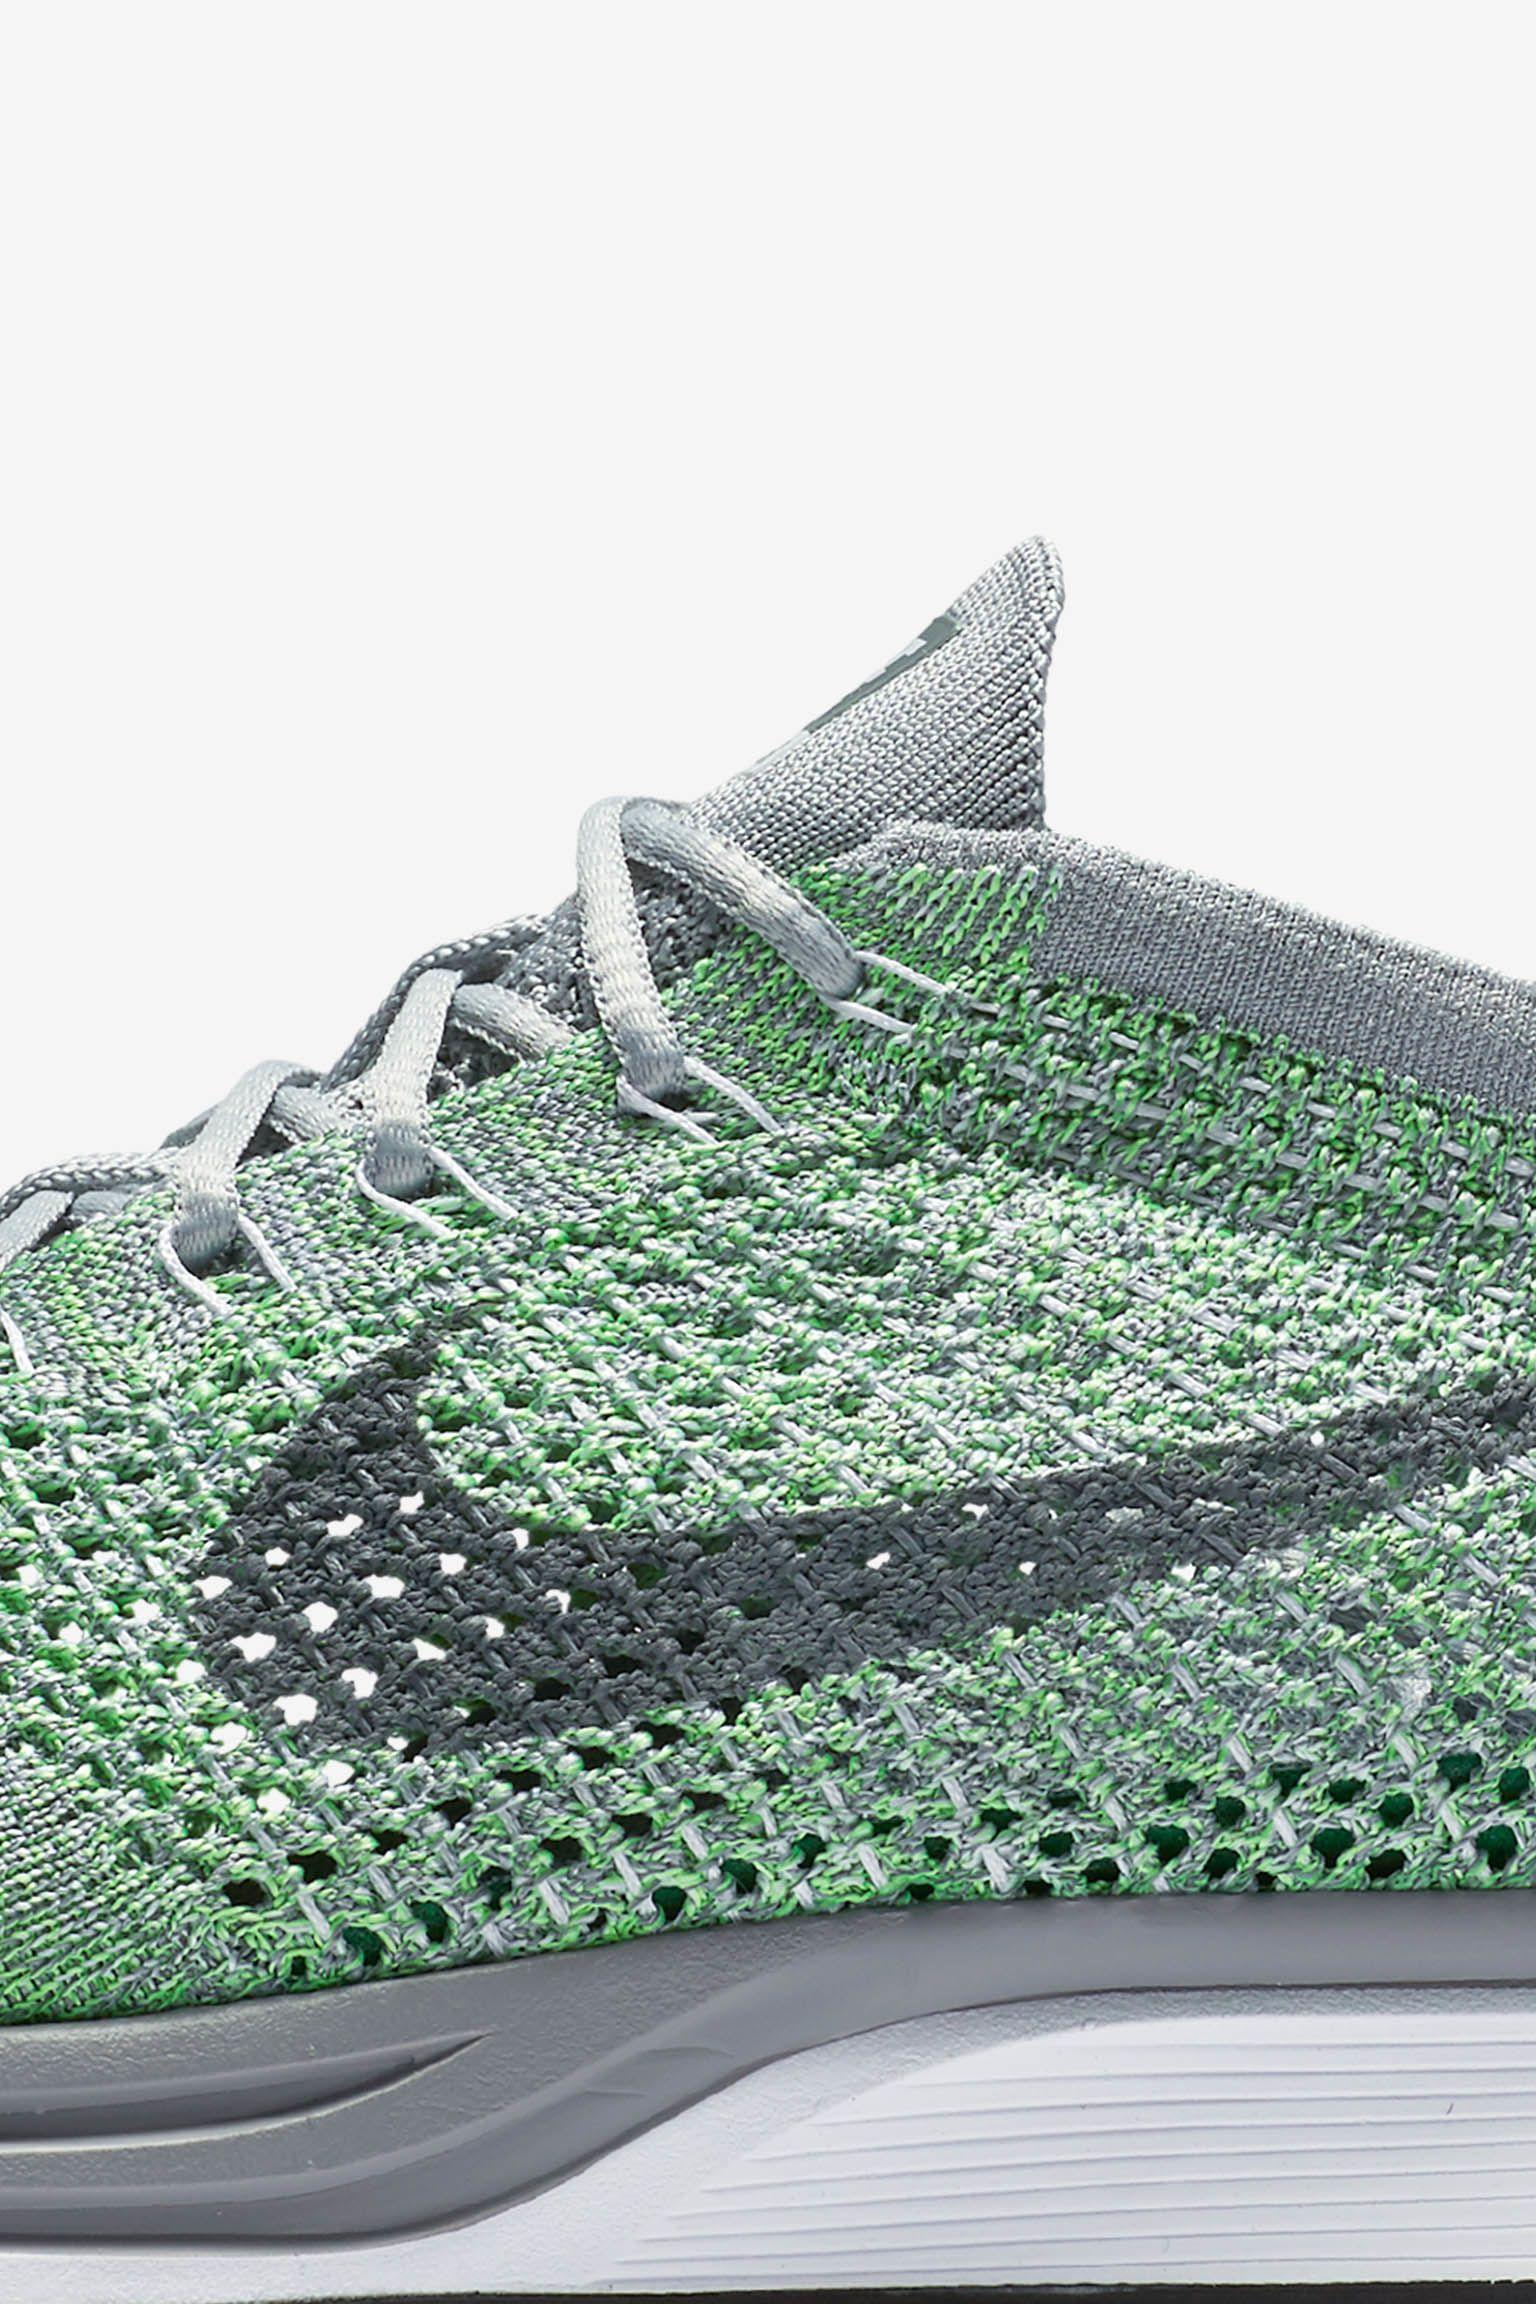 Nike Flyknit Racer 'Pistachio' Release Date